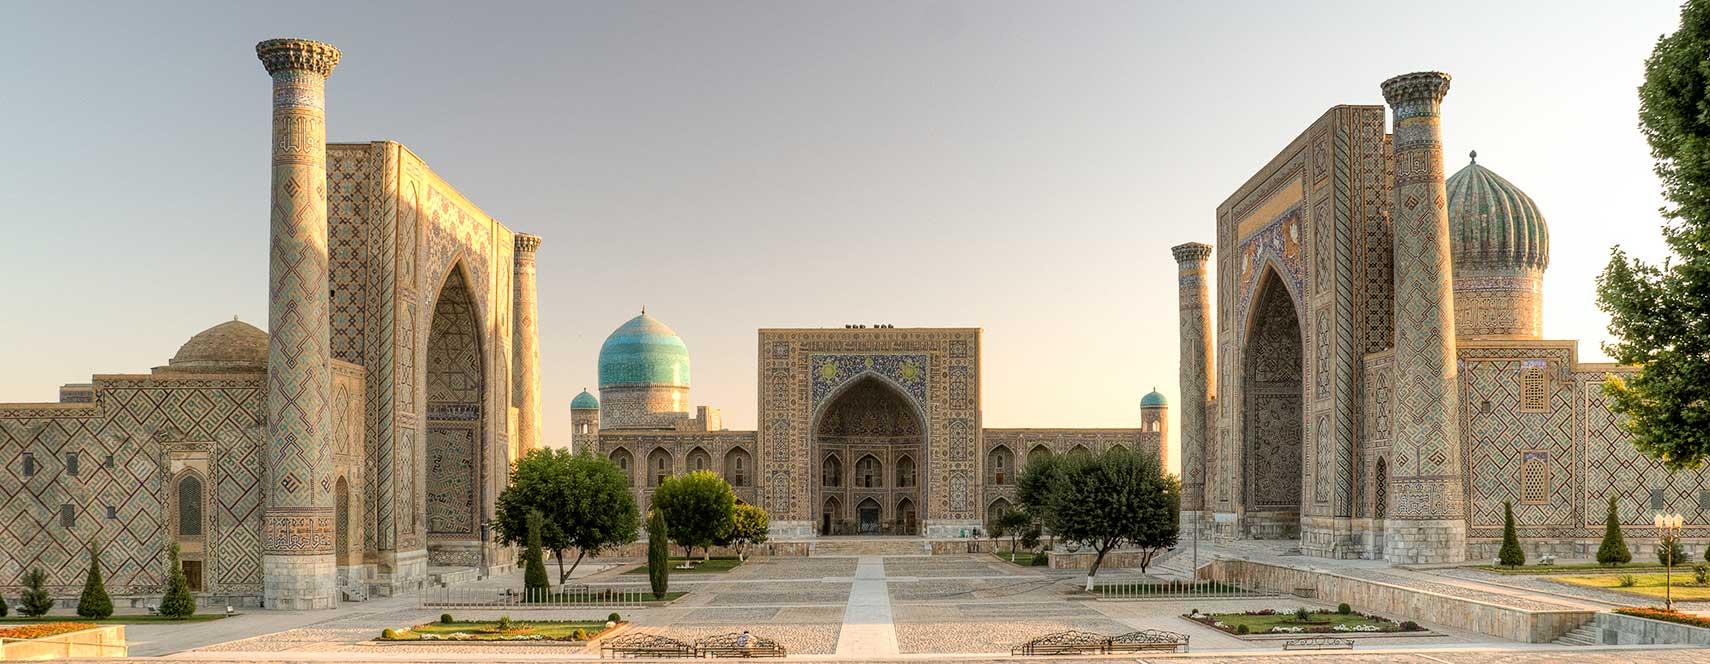 Uzbekistan Visa Requirements